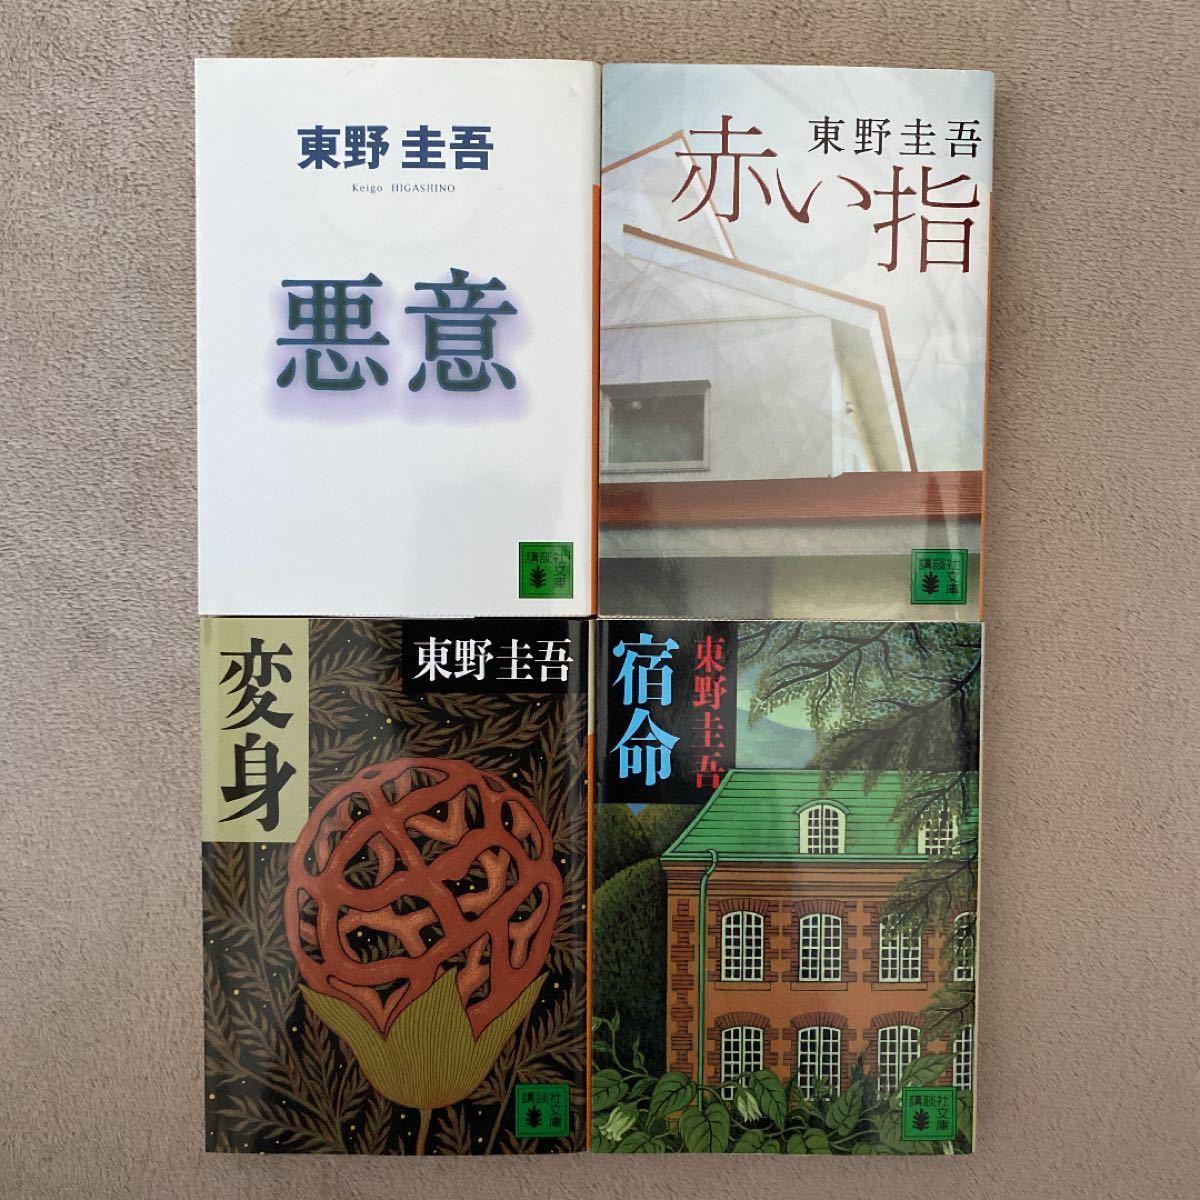 東野 圭吾 文庫本4冊セット